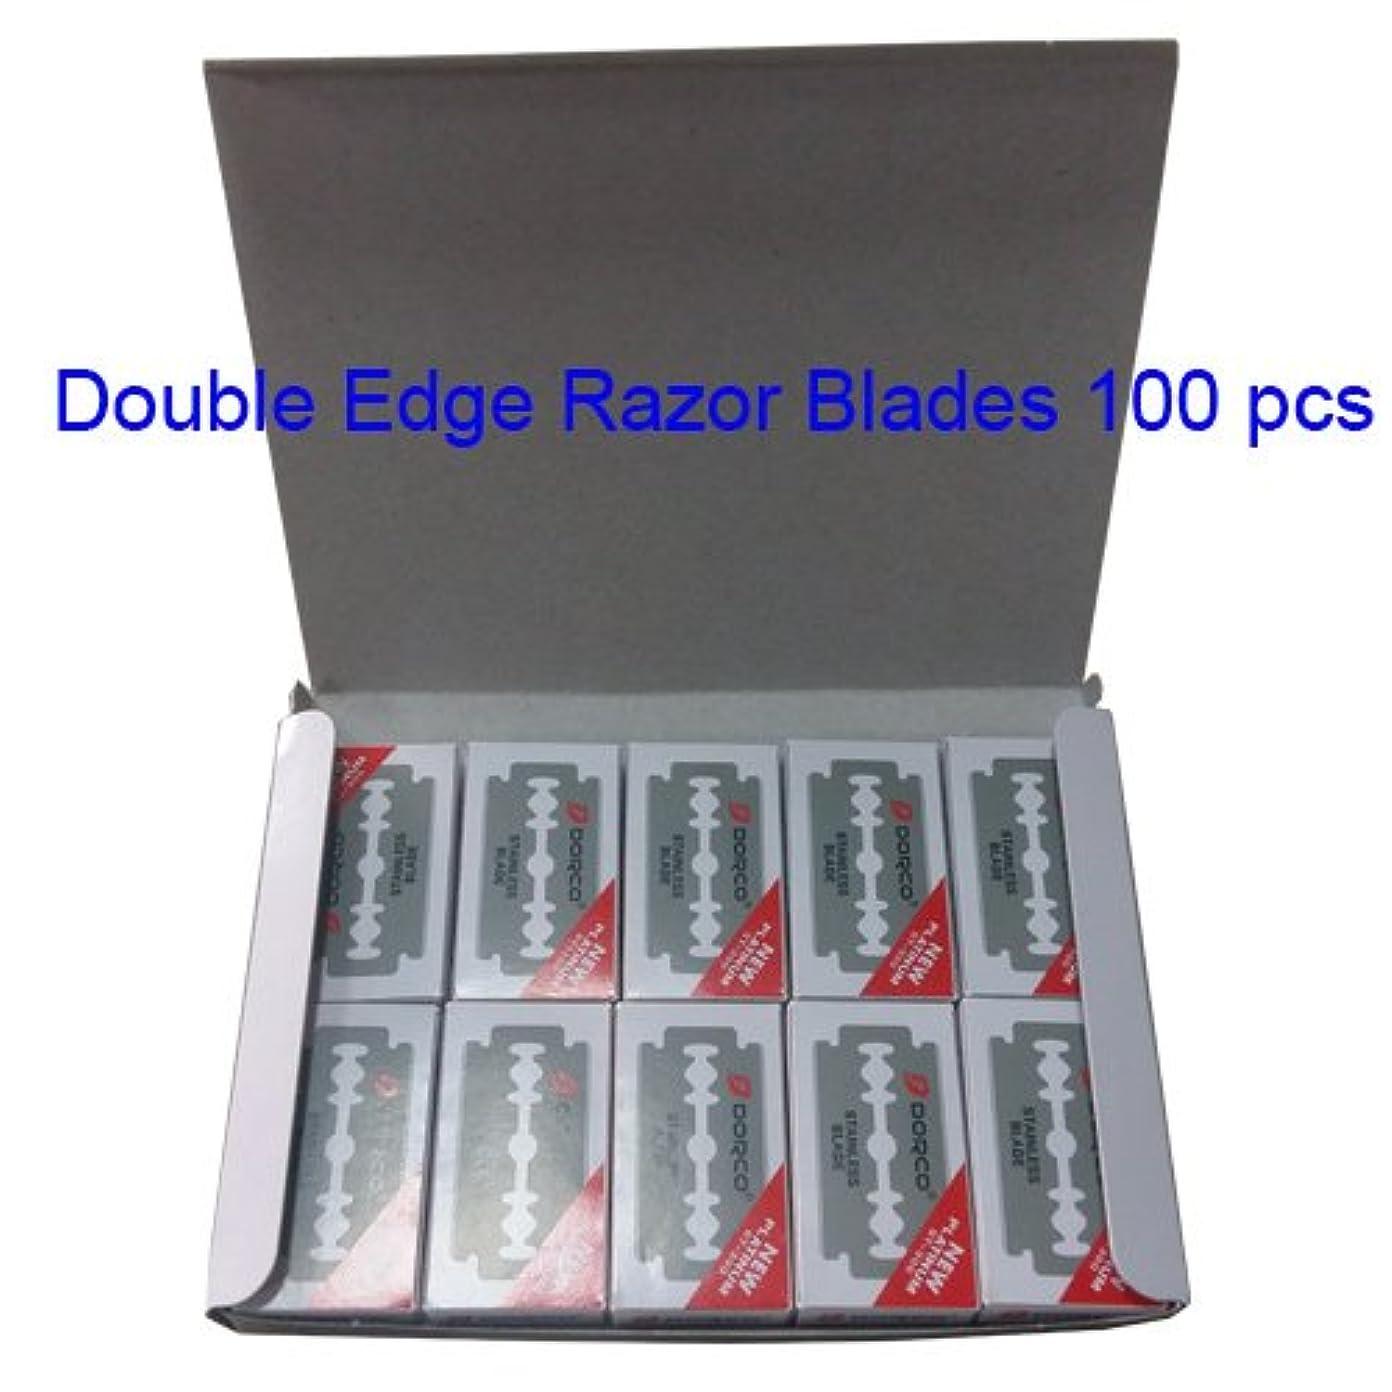 草乳剤独立Dorco(ドルコ) ST300 , ステンレス鋼,ダブルエッジカミソリブレード,100個 [並行輸入品]